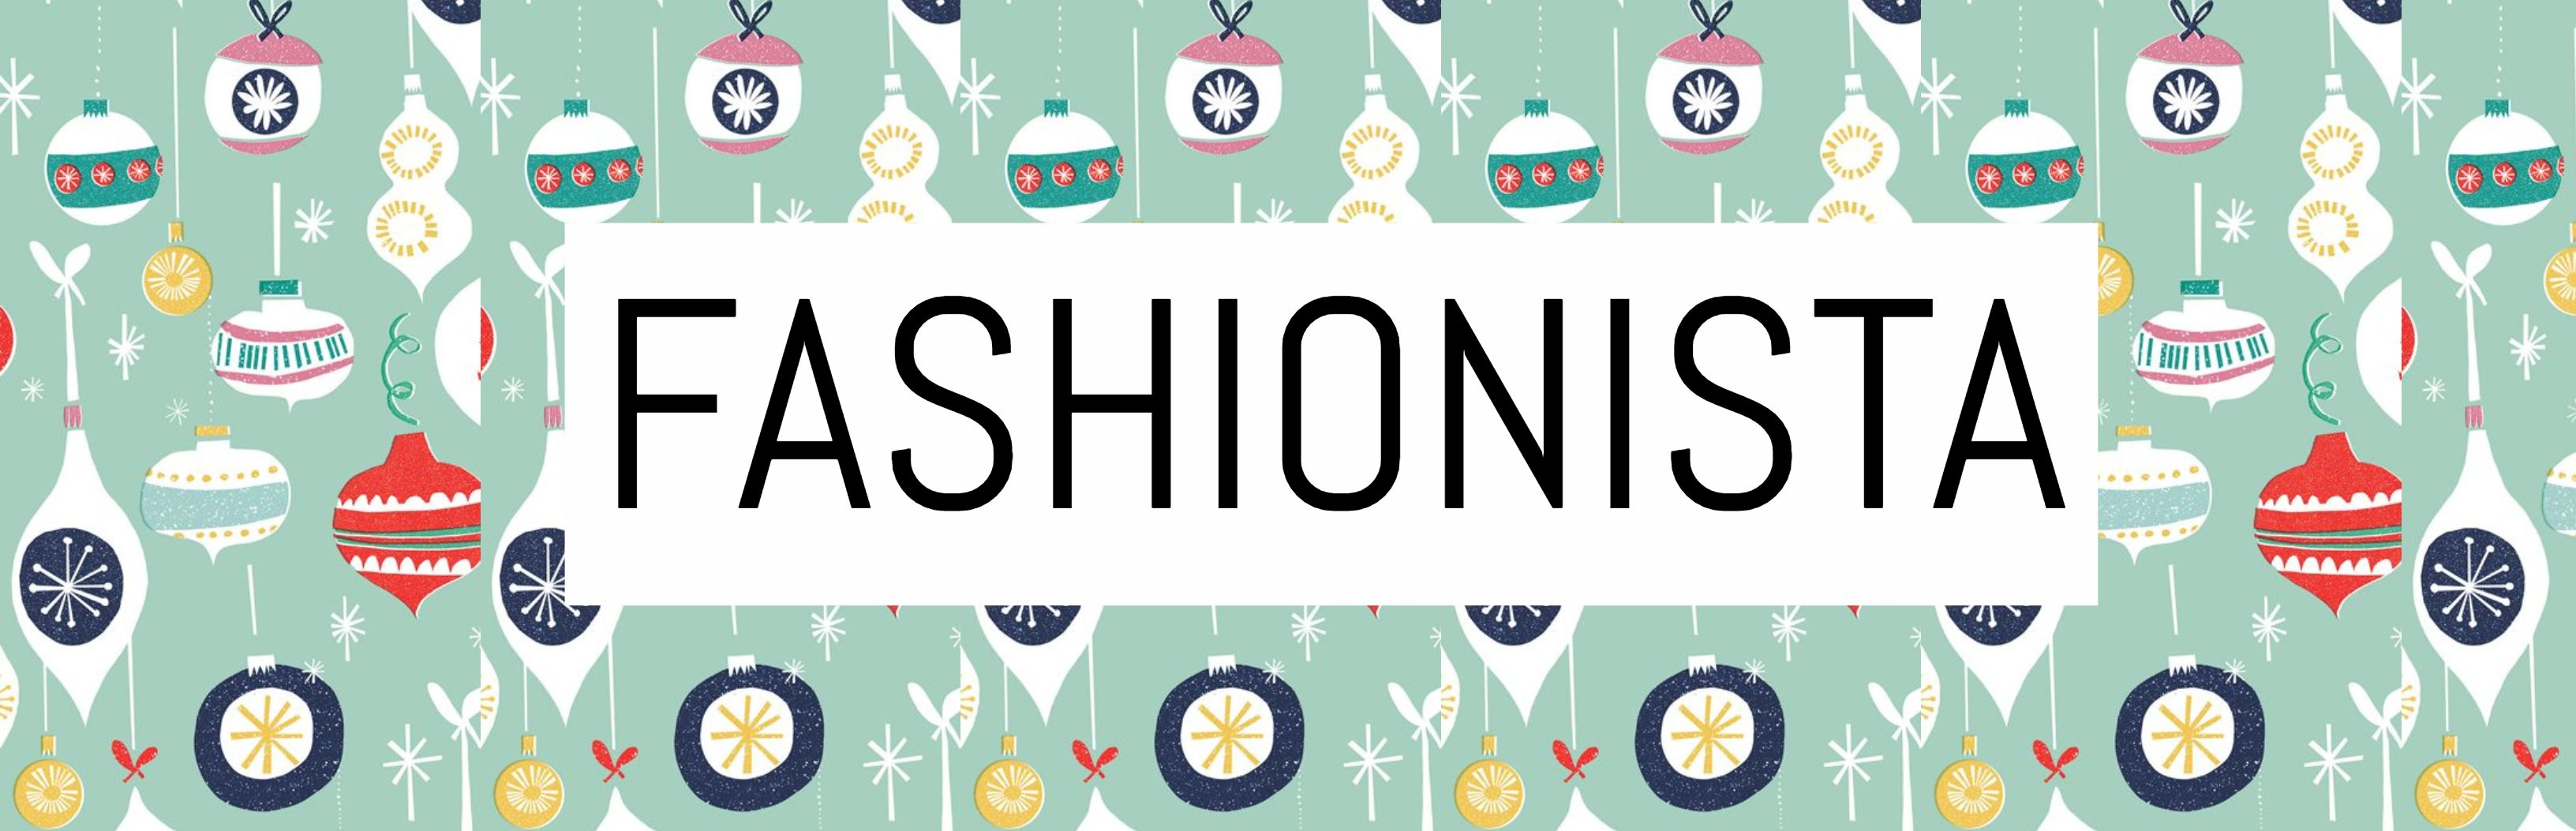 https://www.shopdoscristais.com.br/porta-copo-agata-verde.html?utm_source=blog&utm_medium=referencia&utm_campaign=15_ideias_de_presentes_para_o_natal:_dê_pedras_e_cristais fashionista